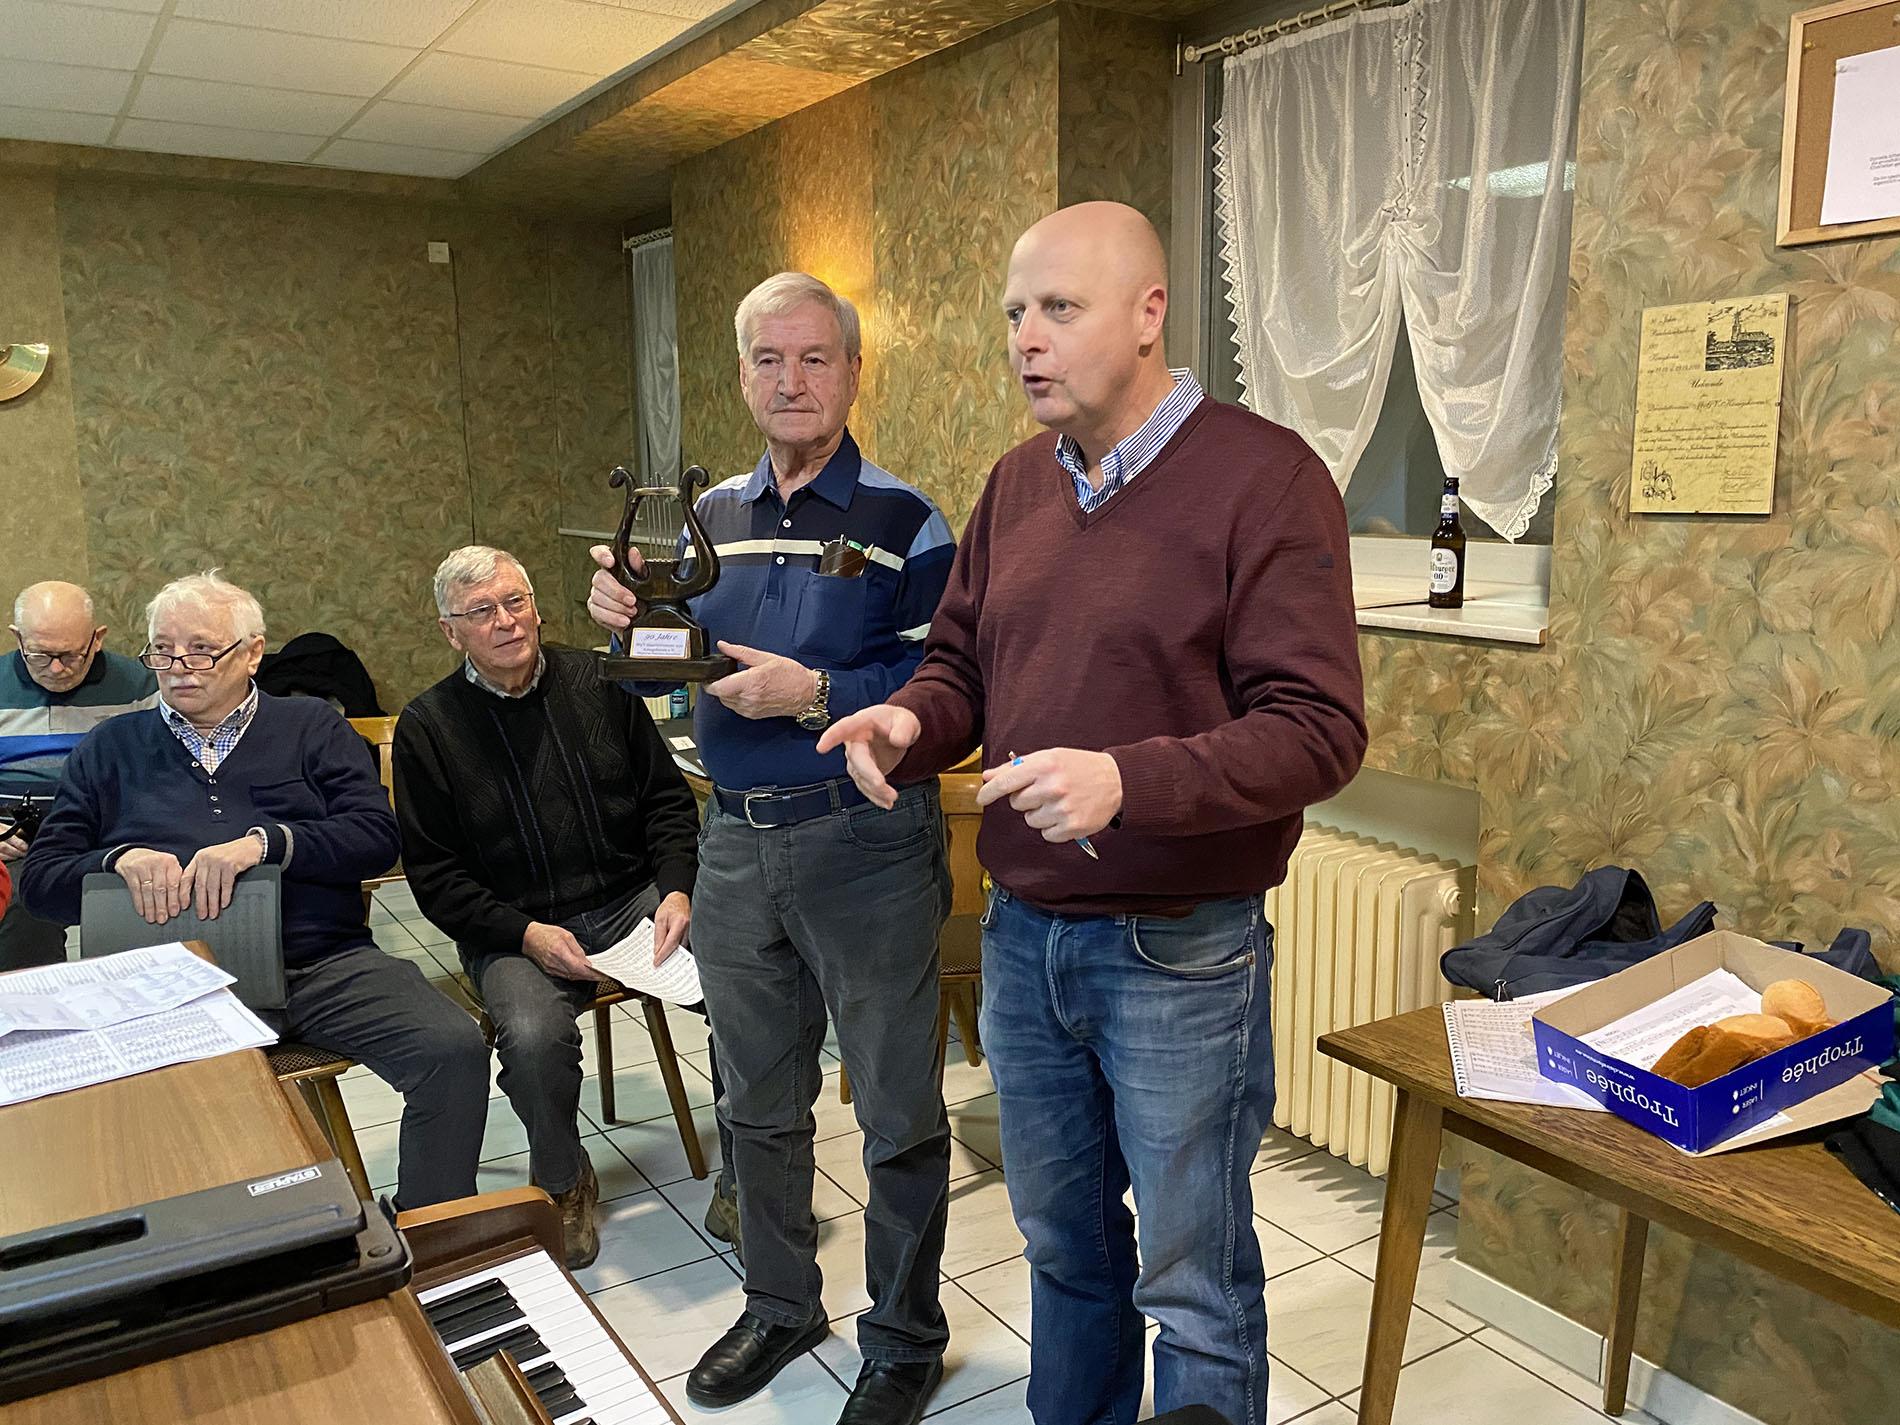 """MGV-Vorsitzender Manfred Speuser (rechts) erklärte nochmal gemeinsam mit dem ersten """"Man of the Match"""" in der Chorgeschichte das Prinzip des Wanderlokals. (Fotos: Willi Schlößer)"""